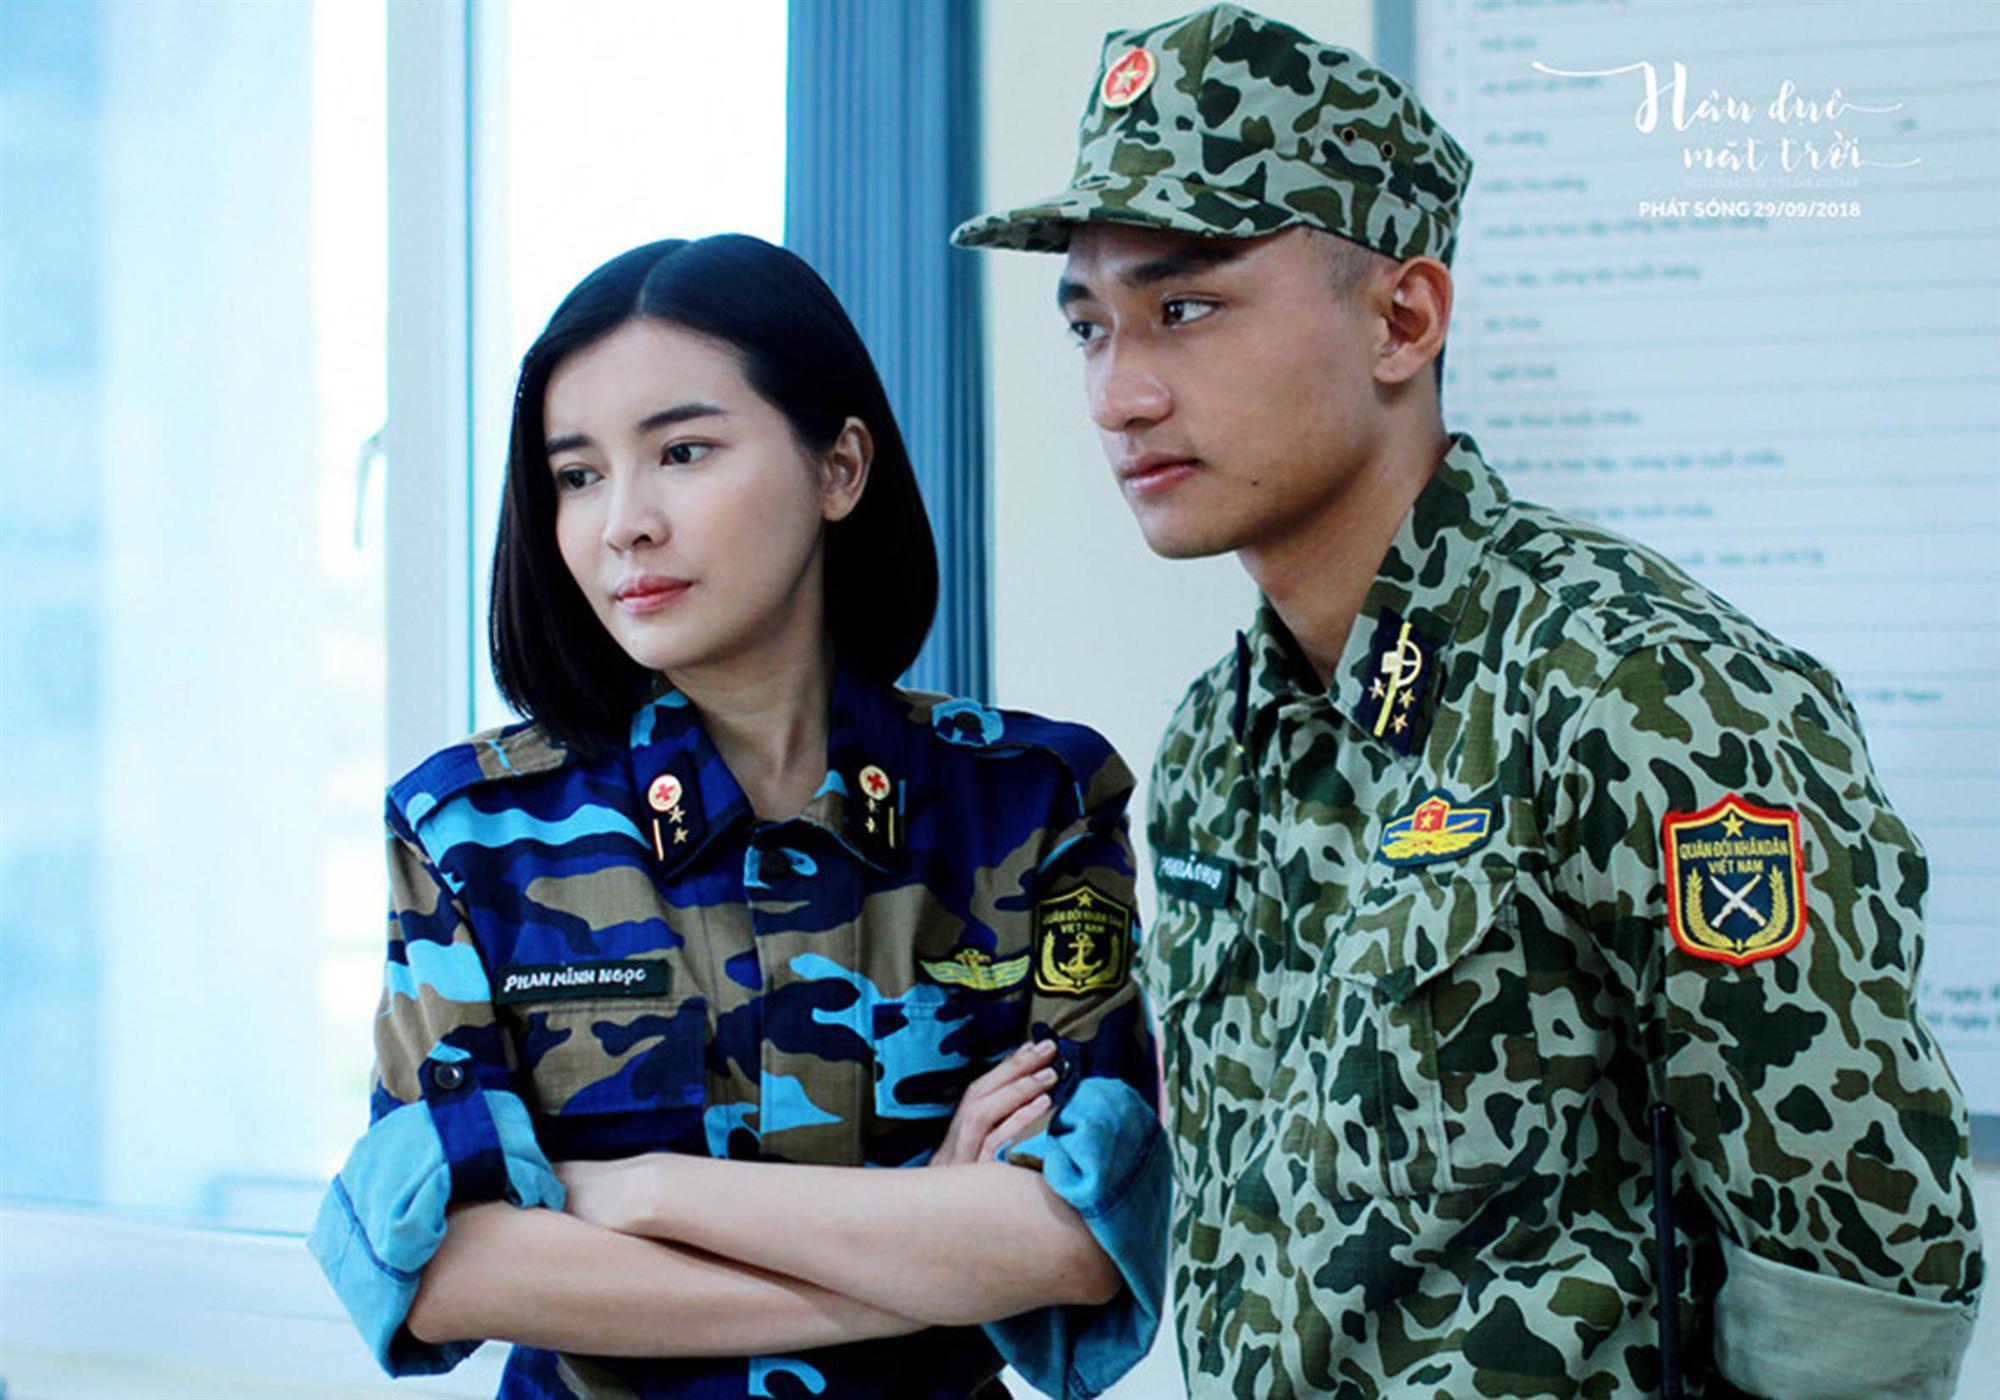 Hậu duệ mặt trời VN hé lộ trang phục quân nhân của dàn diễn viên-